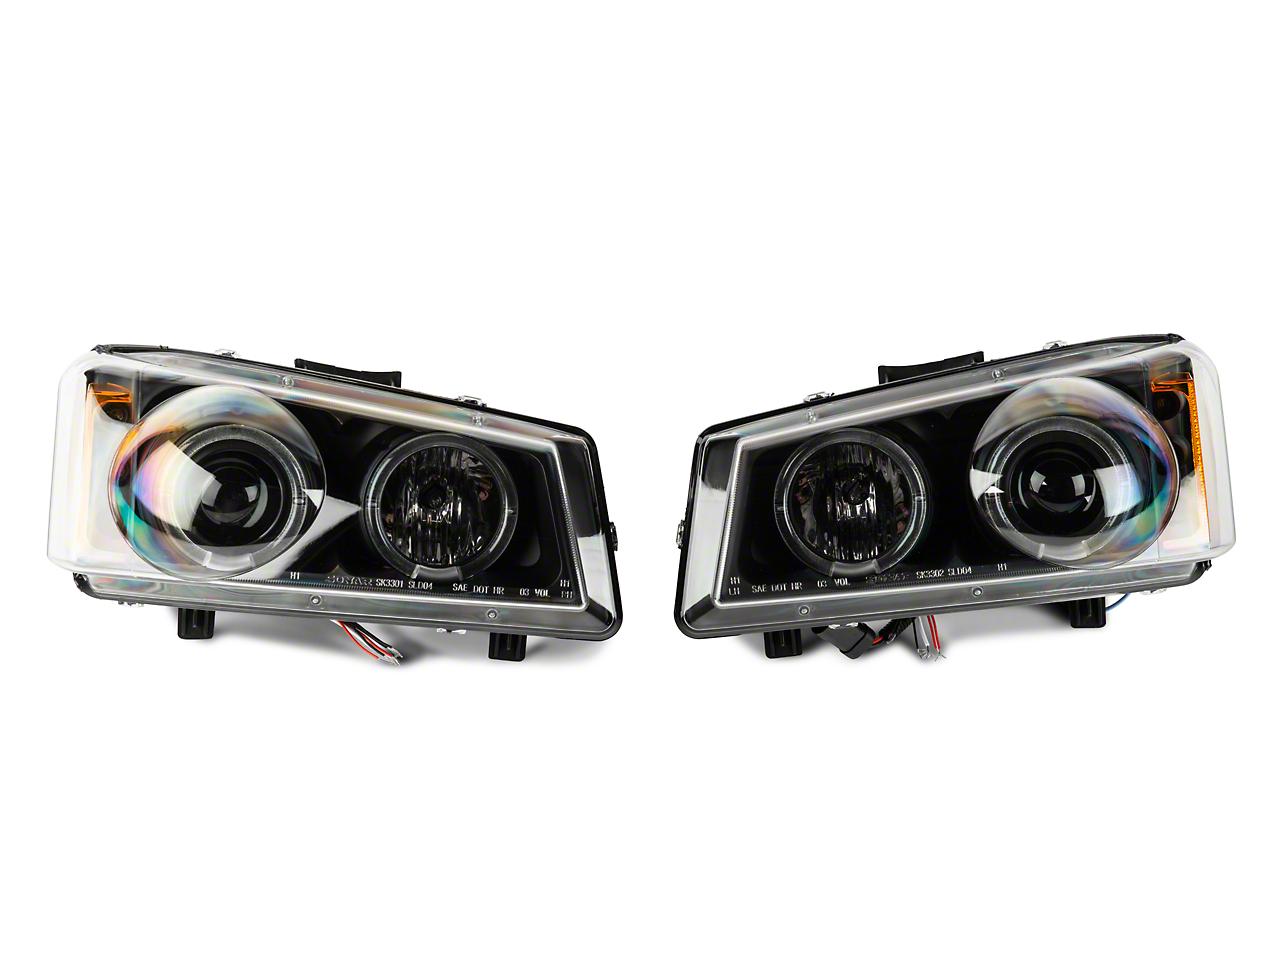 Axial Black Projector Headlights w/ LED Halo (03-06 Silverado 1500)